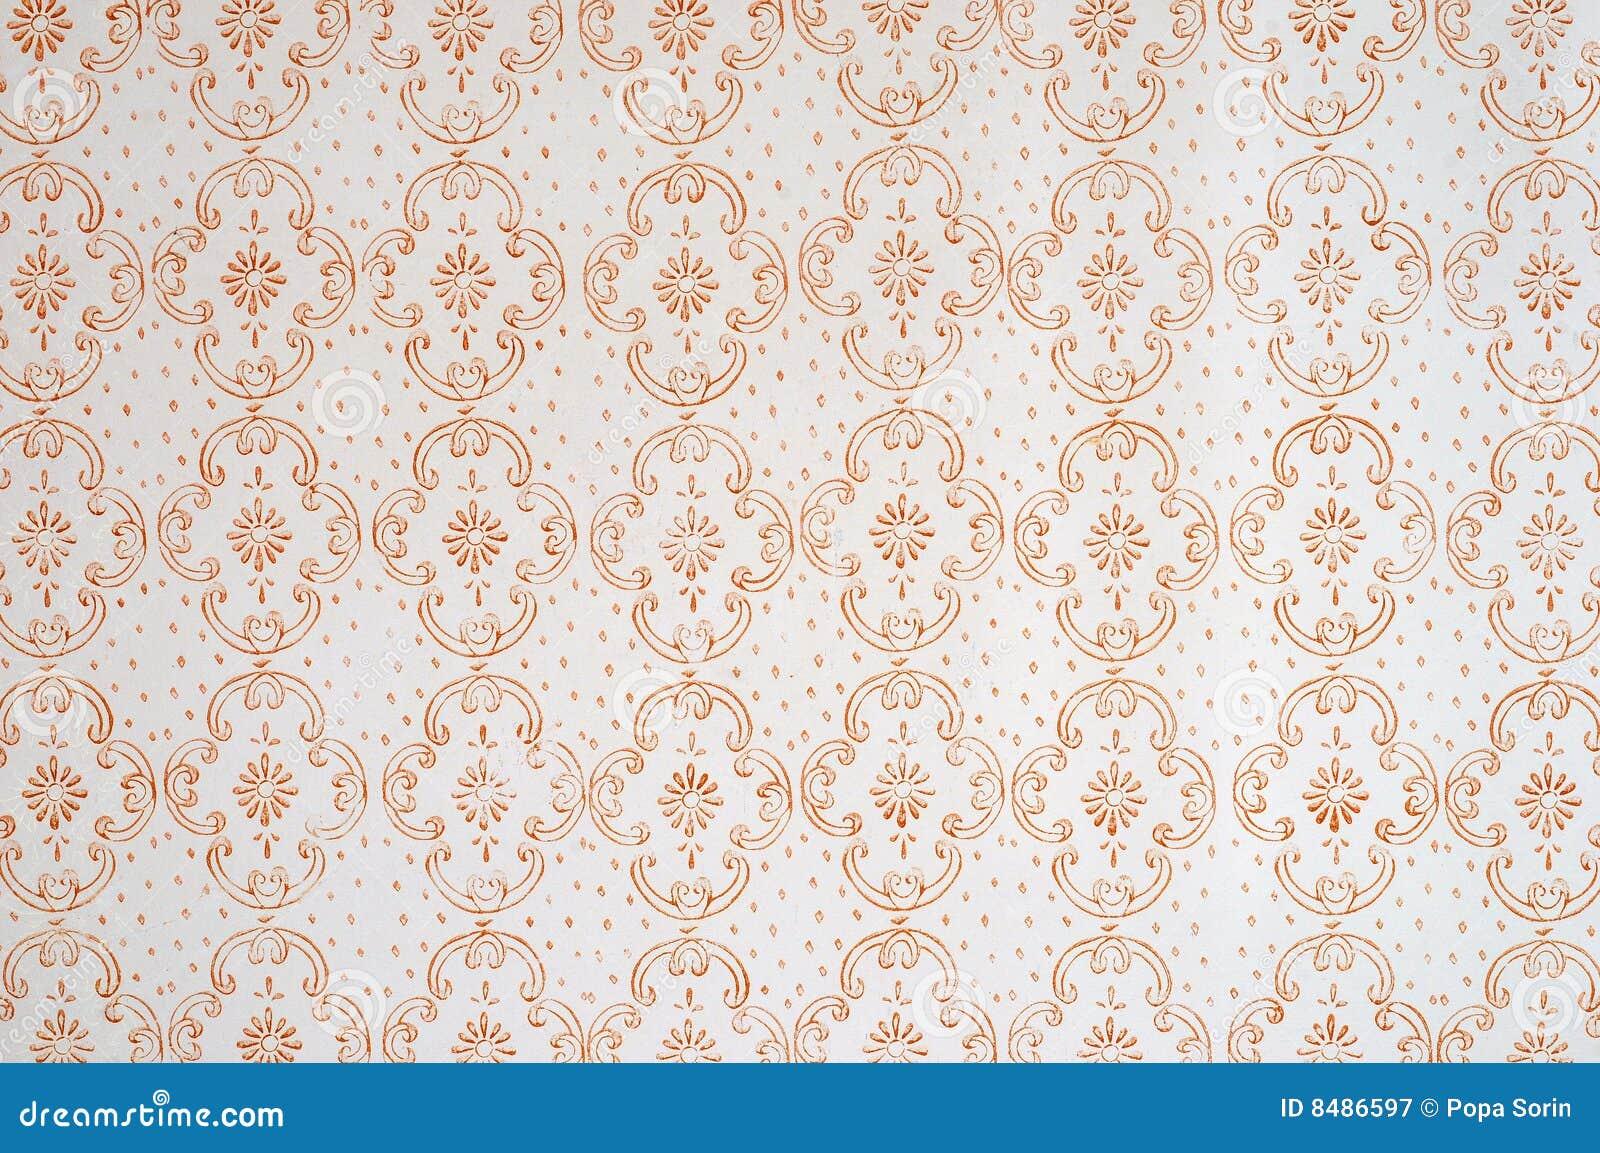 papier peint style usine boulogne billancourt meilleur site de devis travaux papier peint ferm. Black Bedroom Furniture Sets. Home Design Ideas